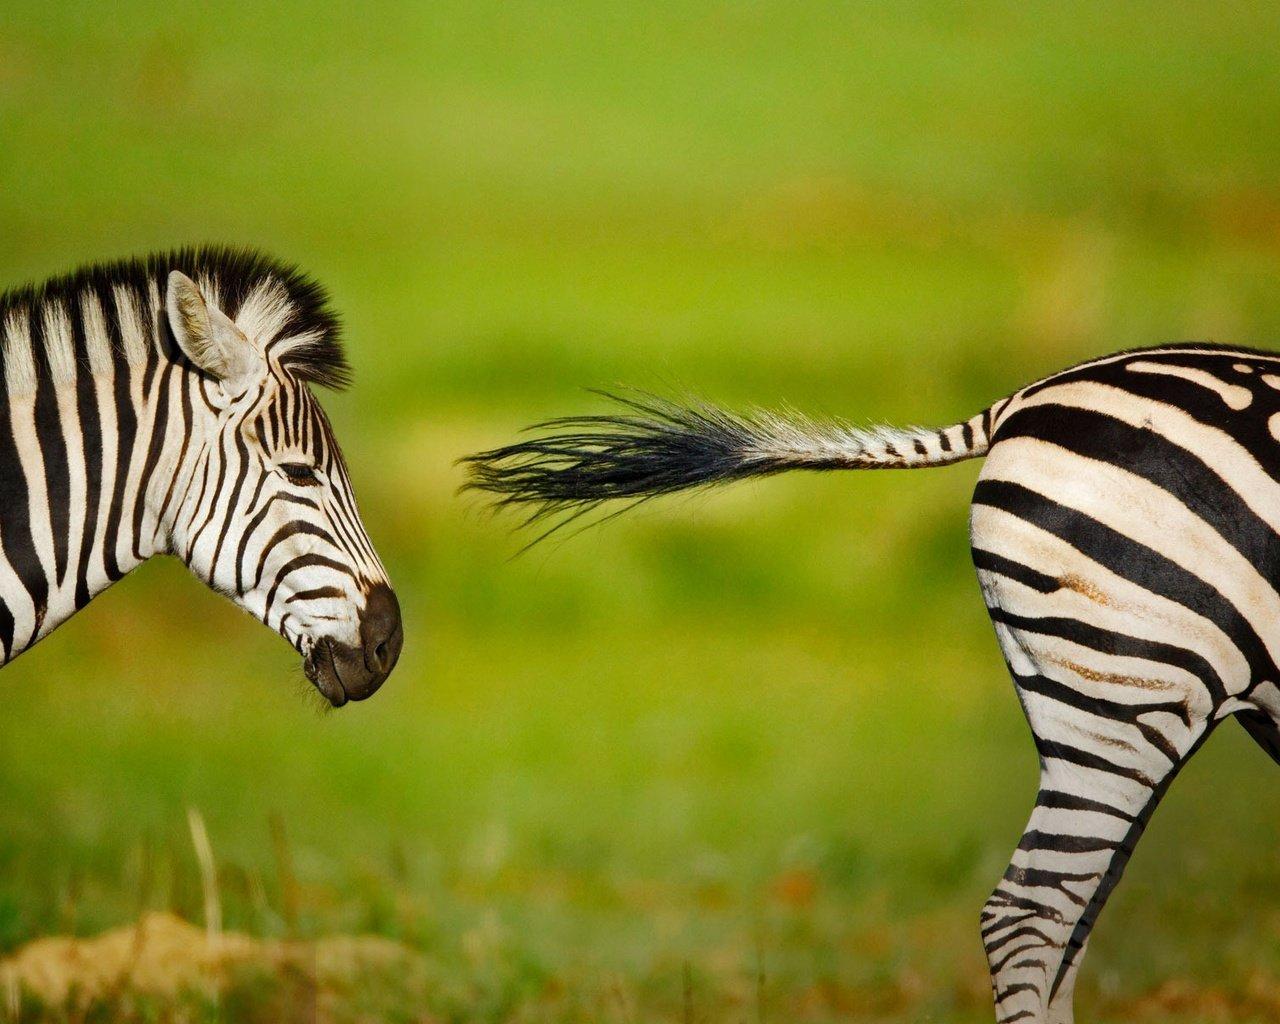 прикольные фотообои зебры для мобилки считает, что